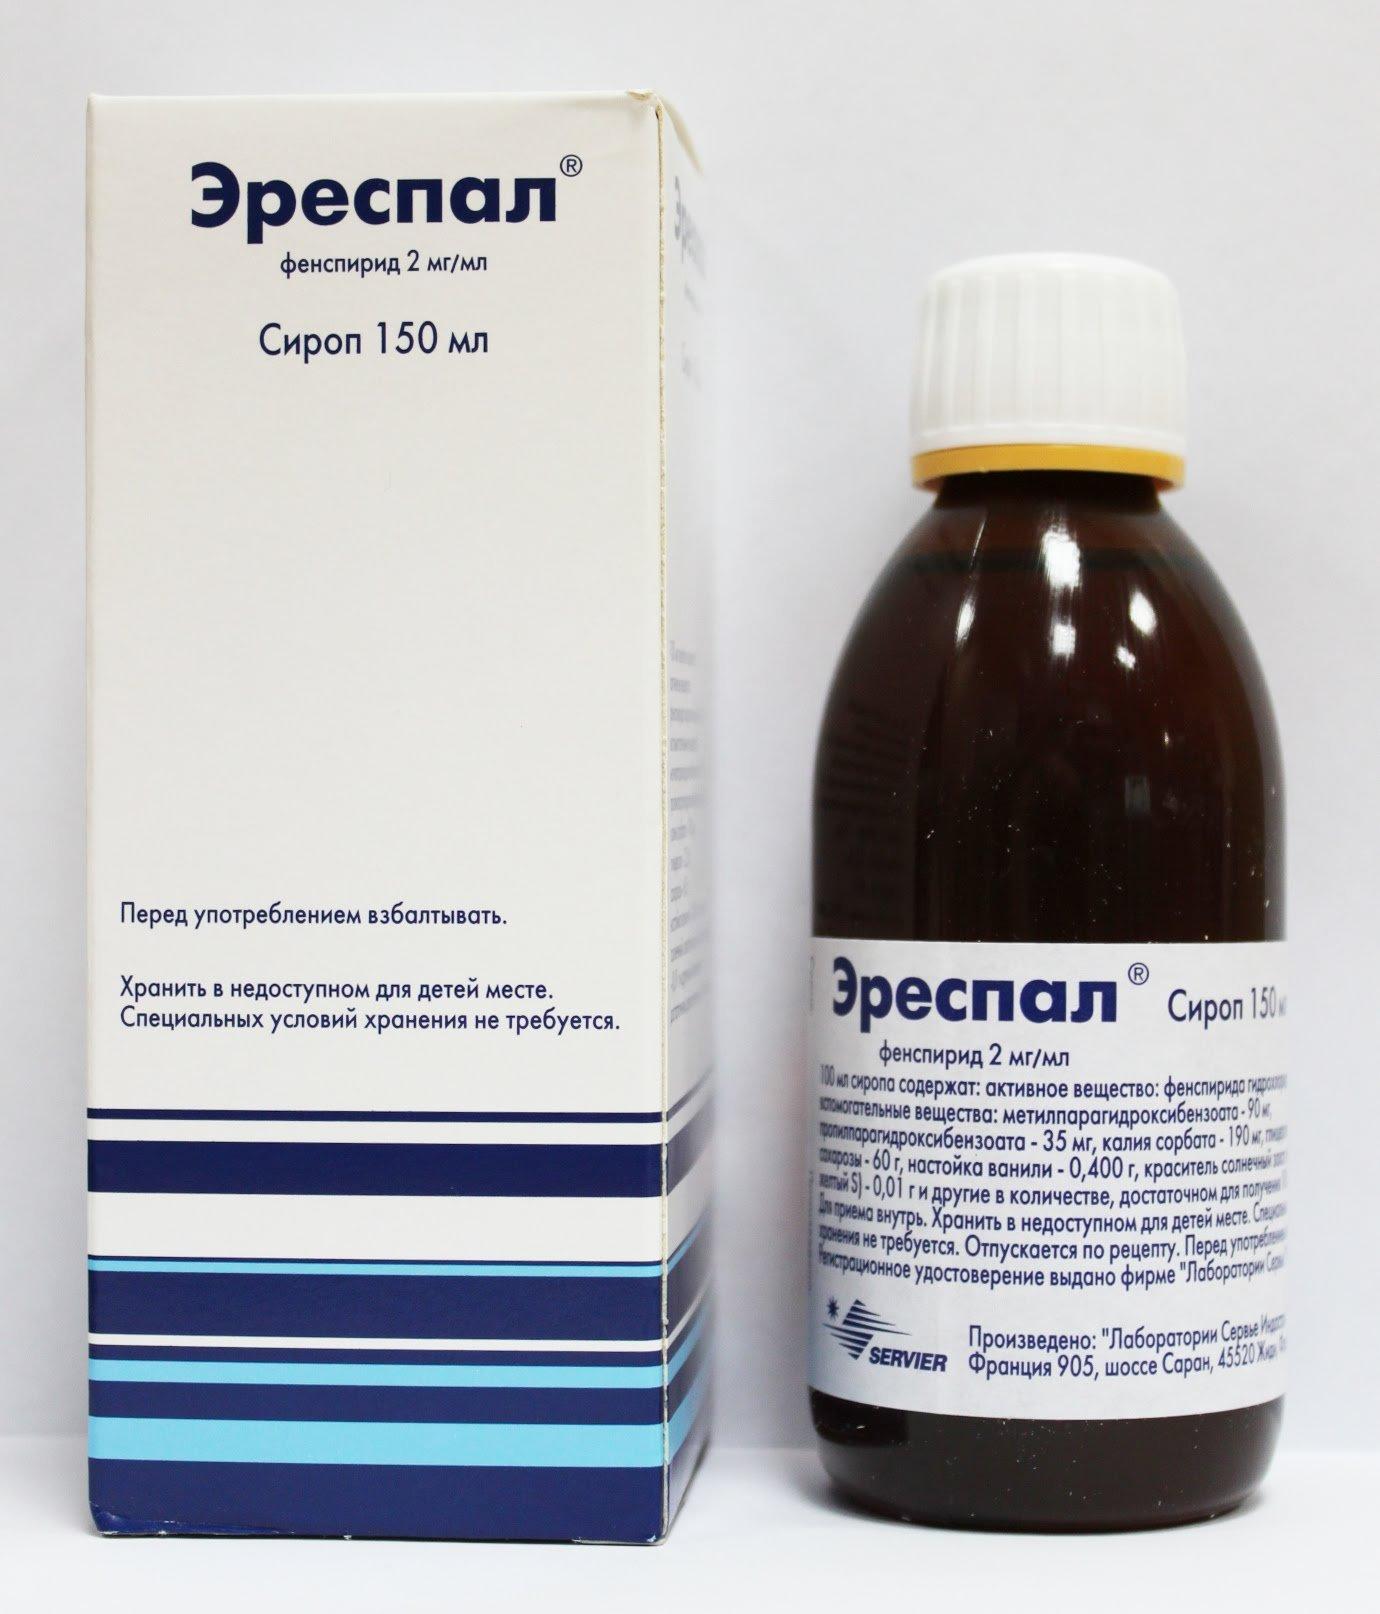 Эреспал – это сироп, который снимает воспаление горла